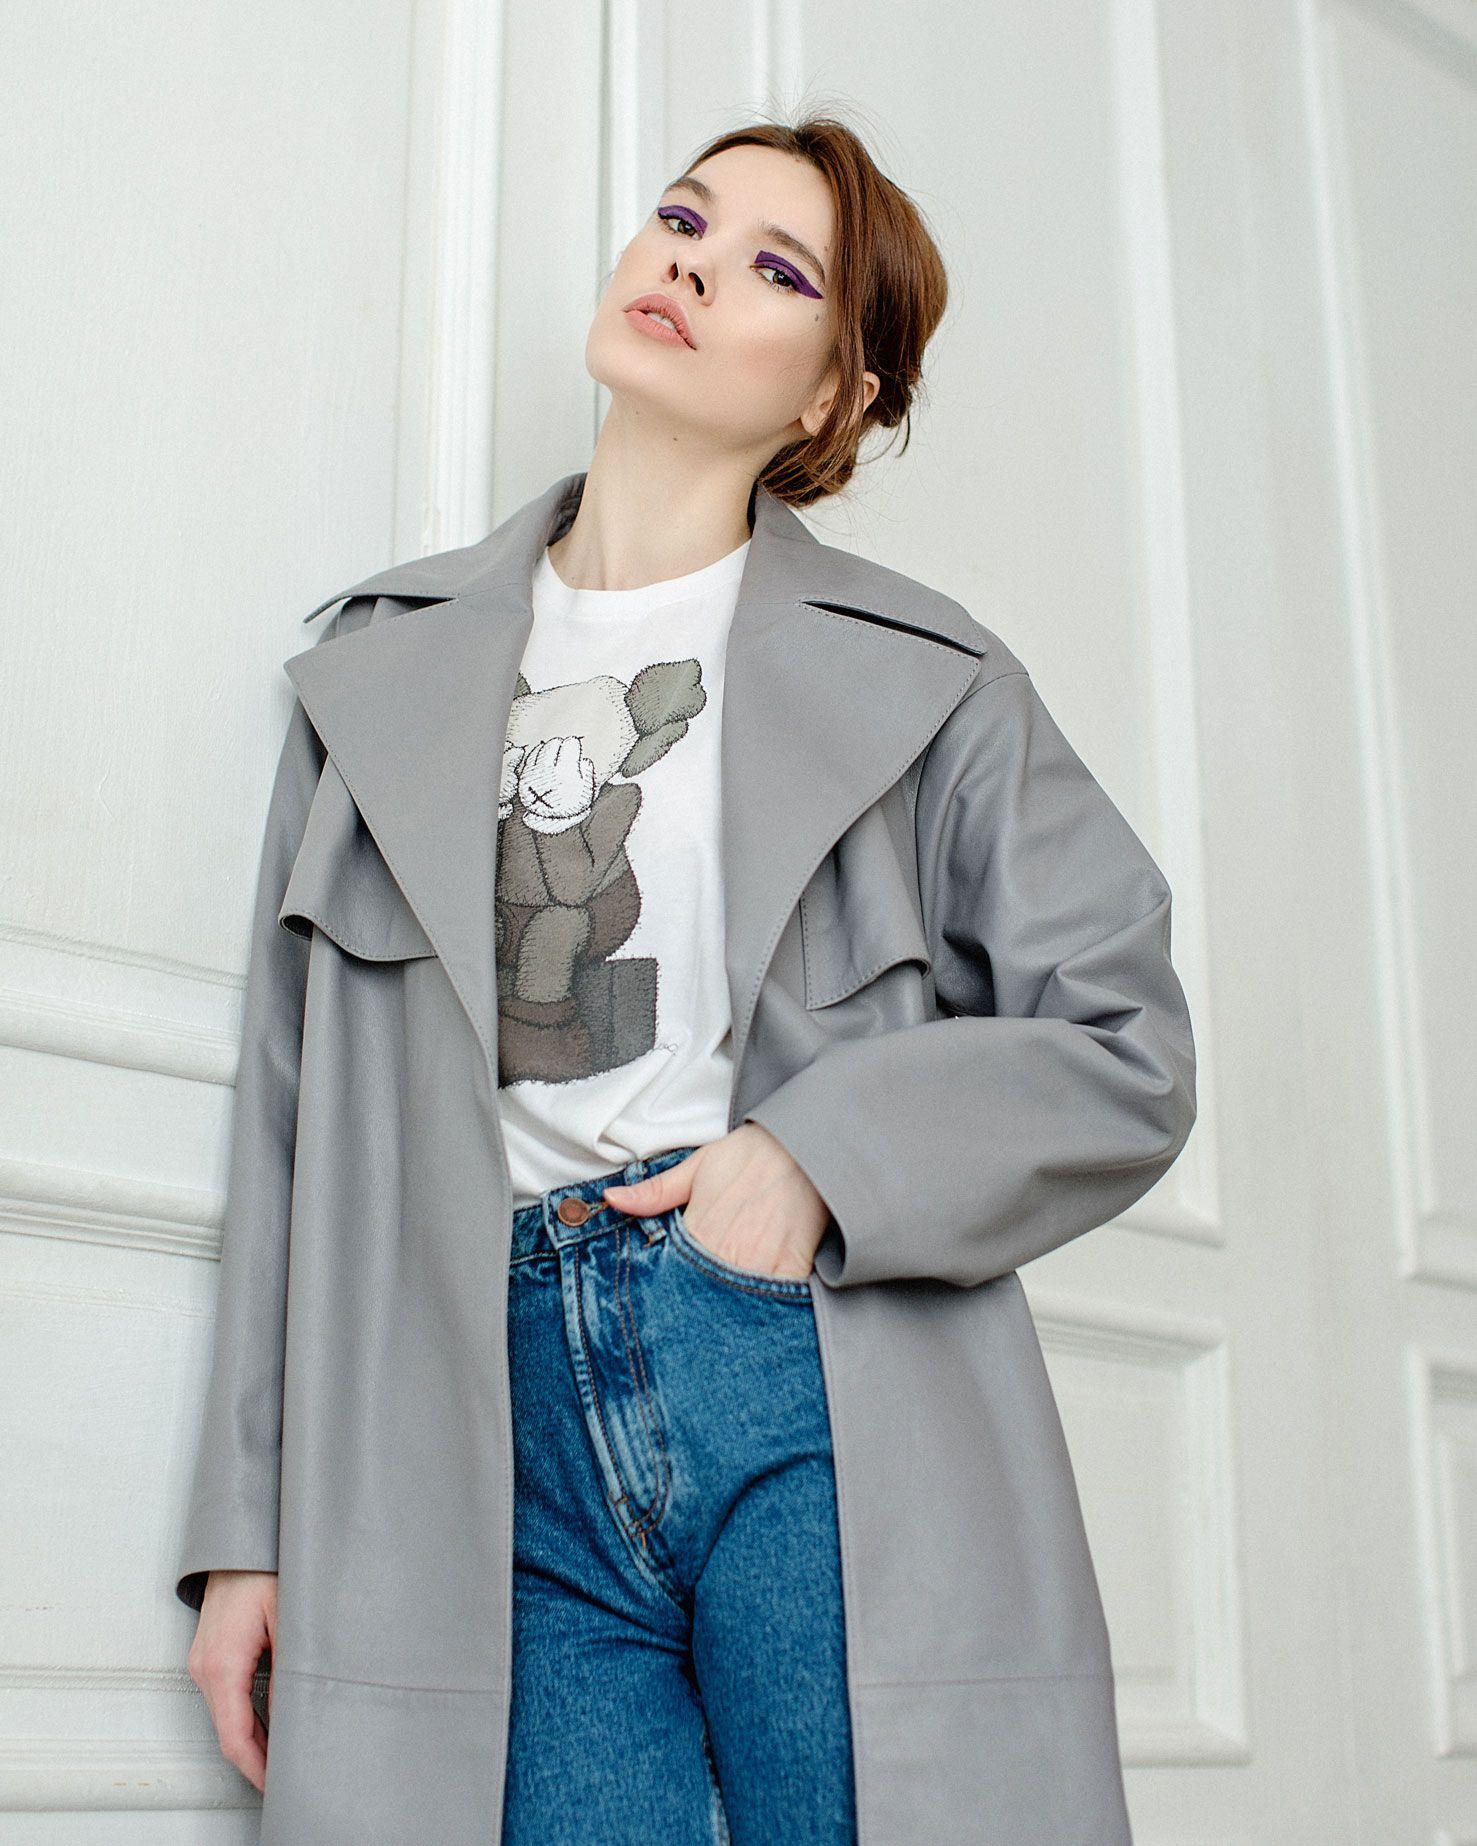 портрет, Анастасия Денисенко